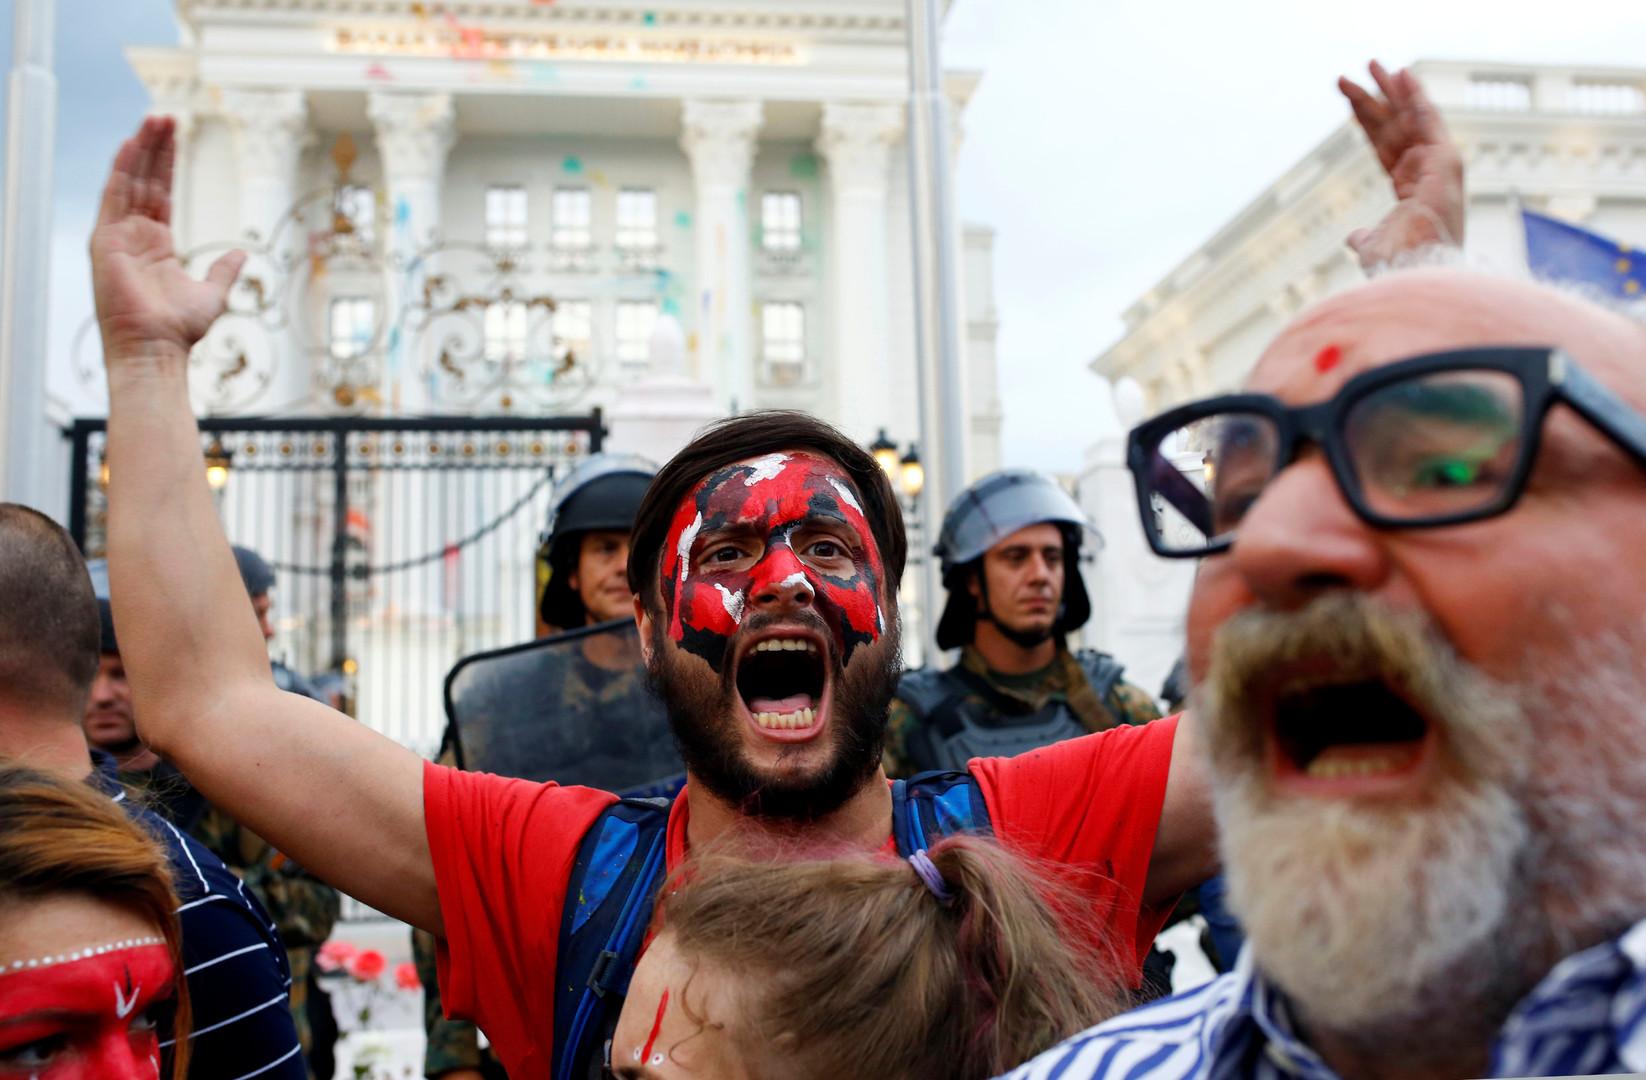 Протестующий перед зданием правительства Македонии.